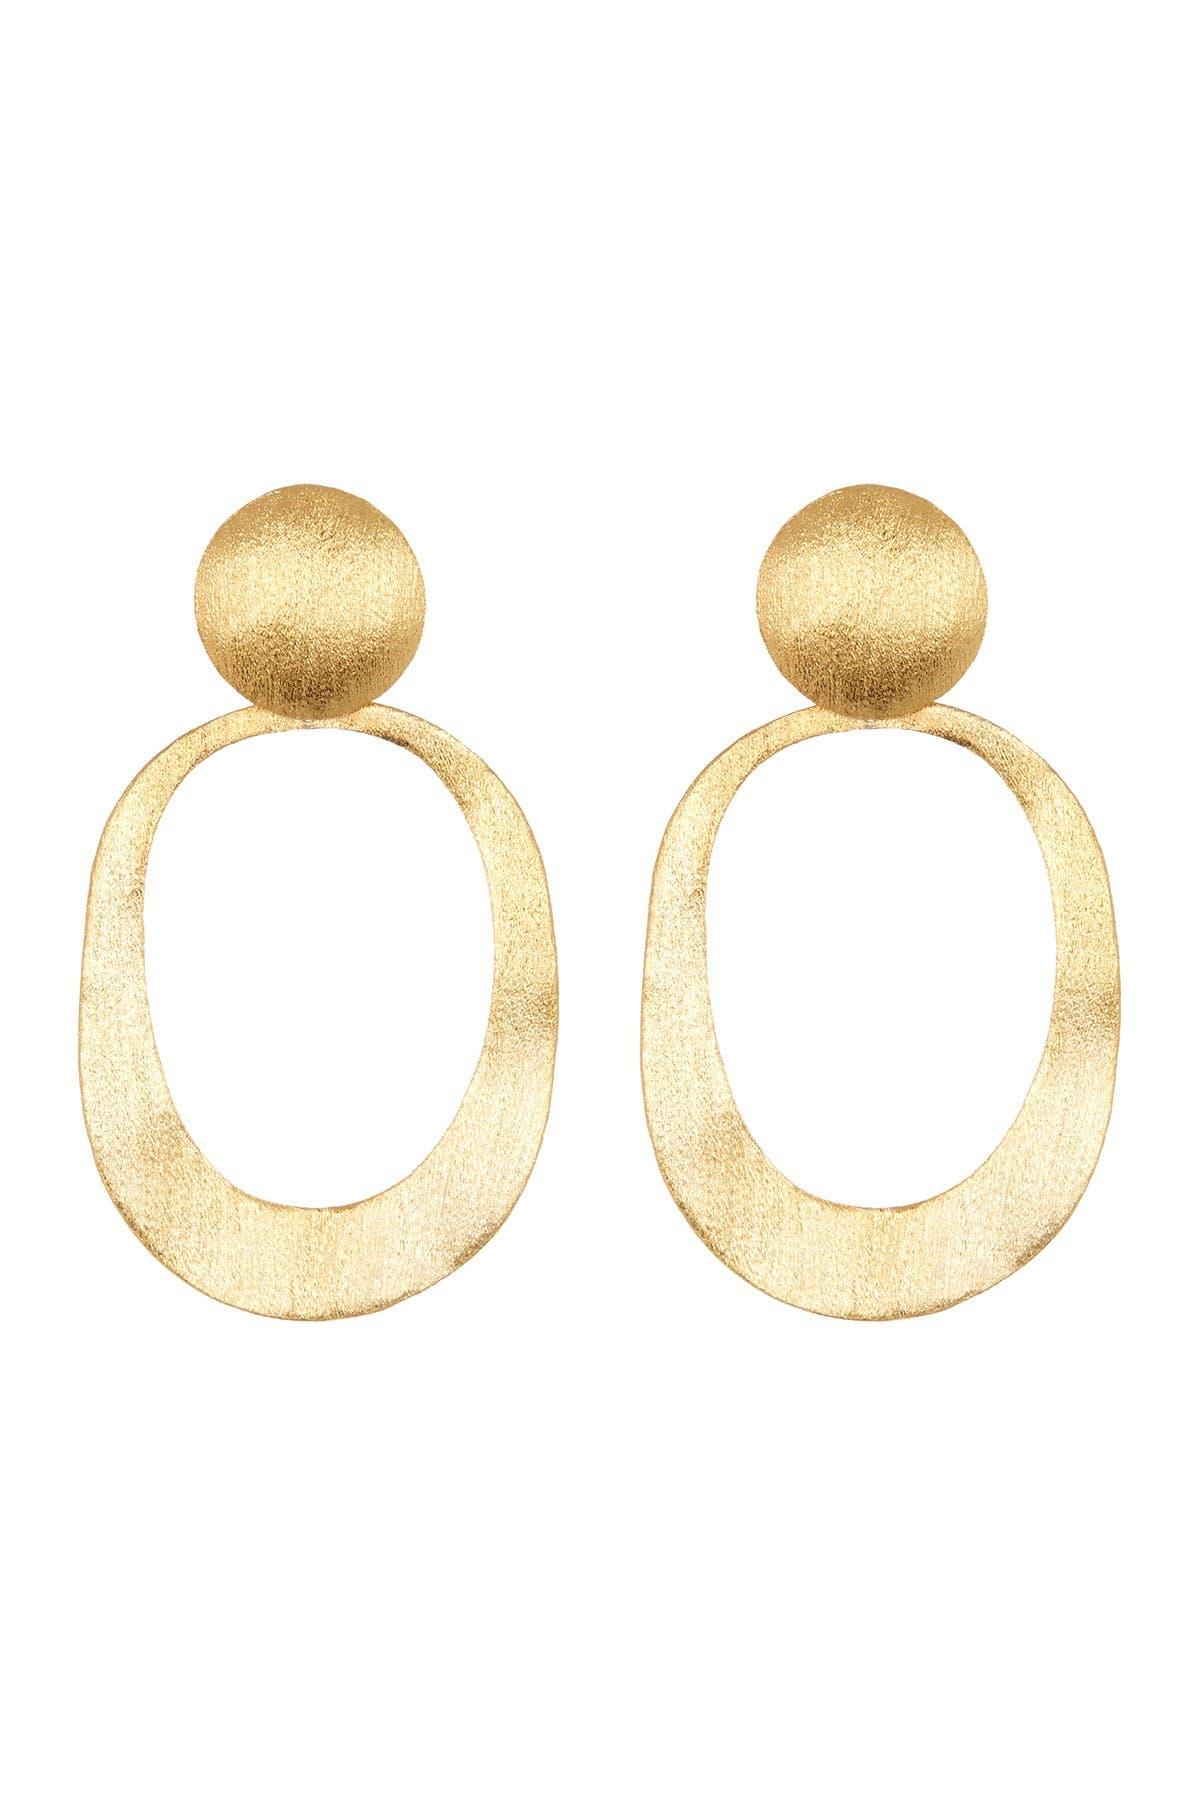 Image of Rivka Friedman 18K Gold Clad Oval Wavy Dangle Earrings